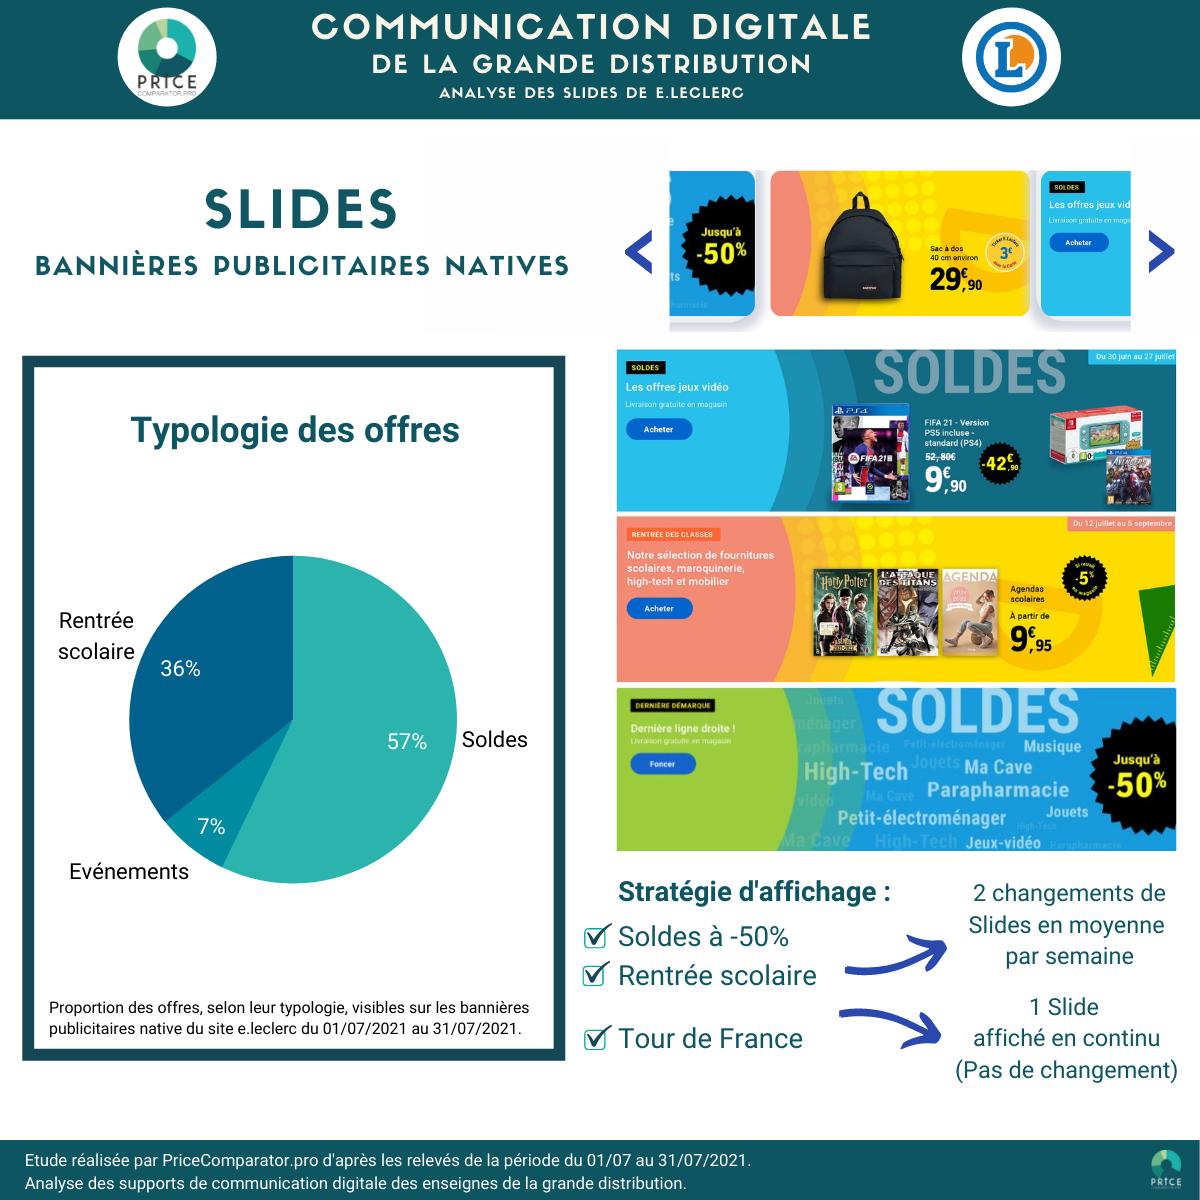 PriceComparator - Analyse des slides du site E.Leclerc (juillet 2021)